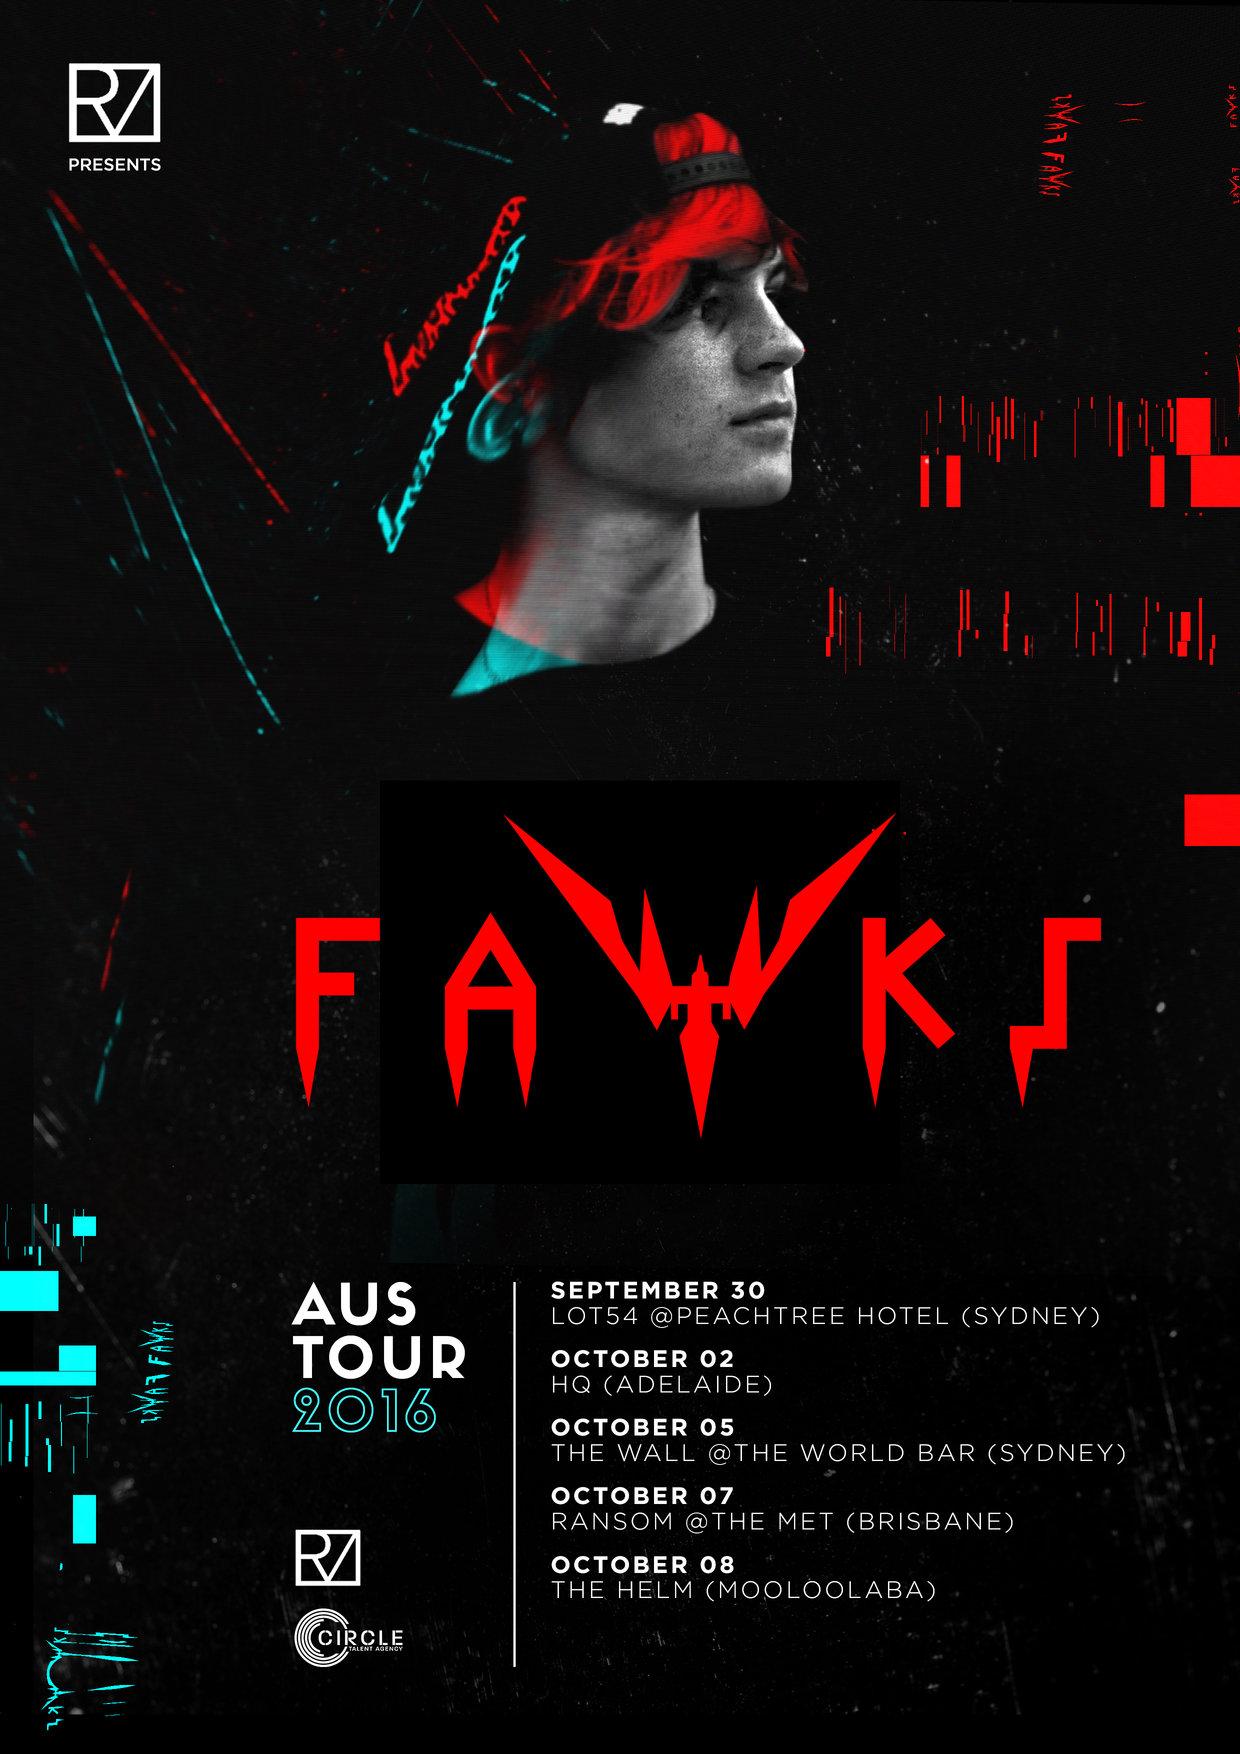 rsz_v2_fawks_tour_art